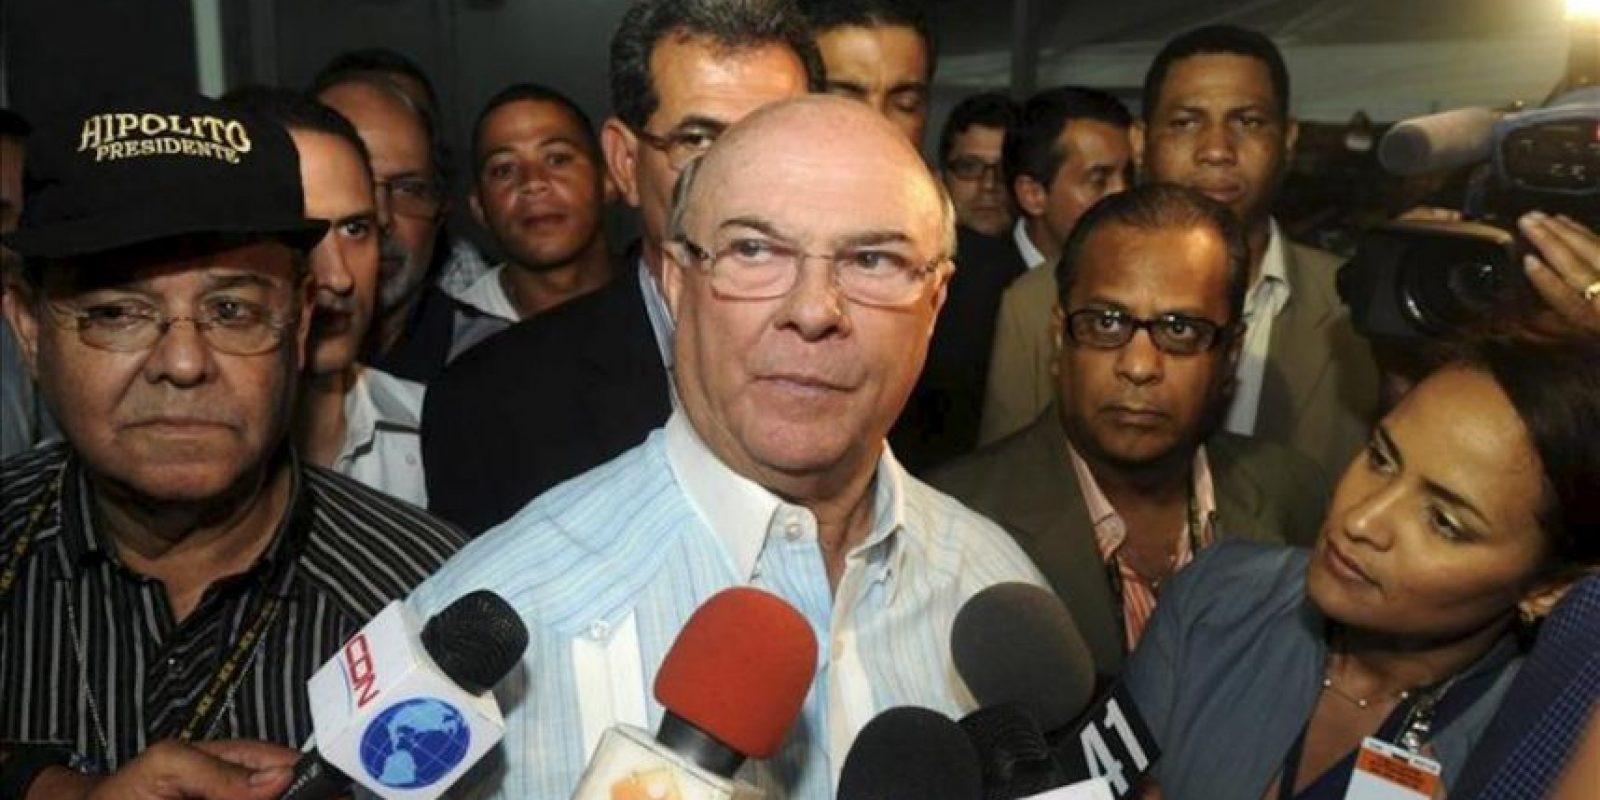 Hipólito Mejía (c), candidato presidencial del opositor Partido Revolucionario Dominicano (PRD), habla con la prensa en el centro de cómputos de su partido en Santo Domingo. Según los primeros resultados oficiales, Mejía ha sido superado en las elecciones celebradas este domingo por el exministro de la Presidencia Danilo Medina. EFE